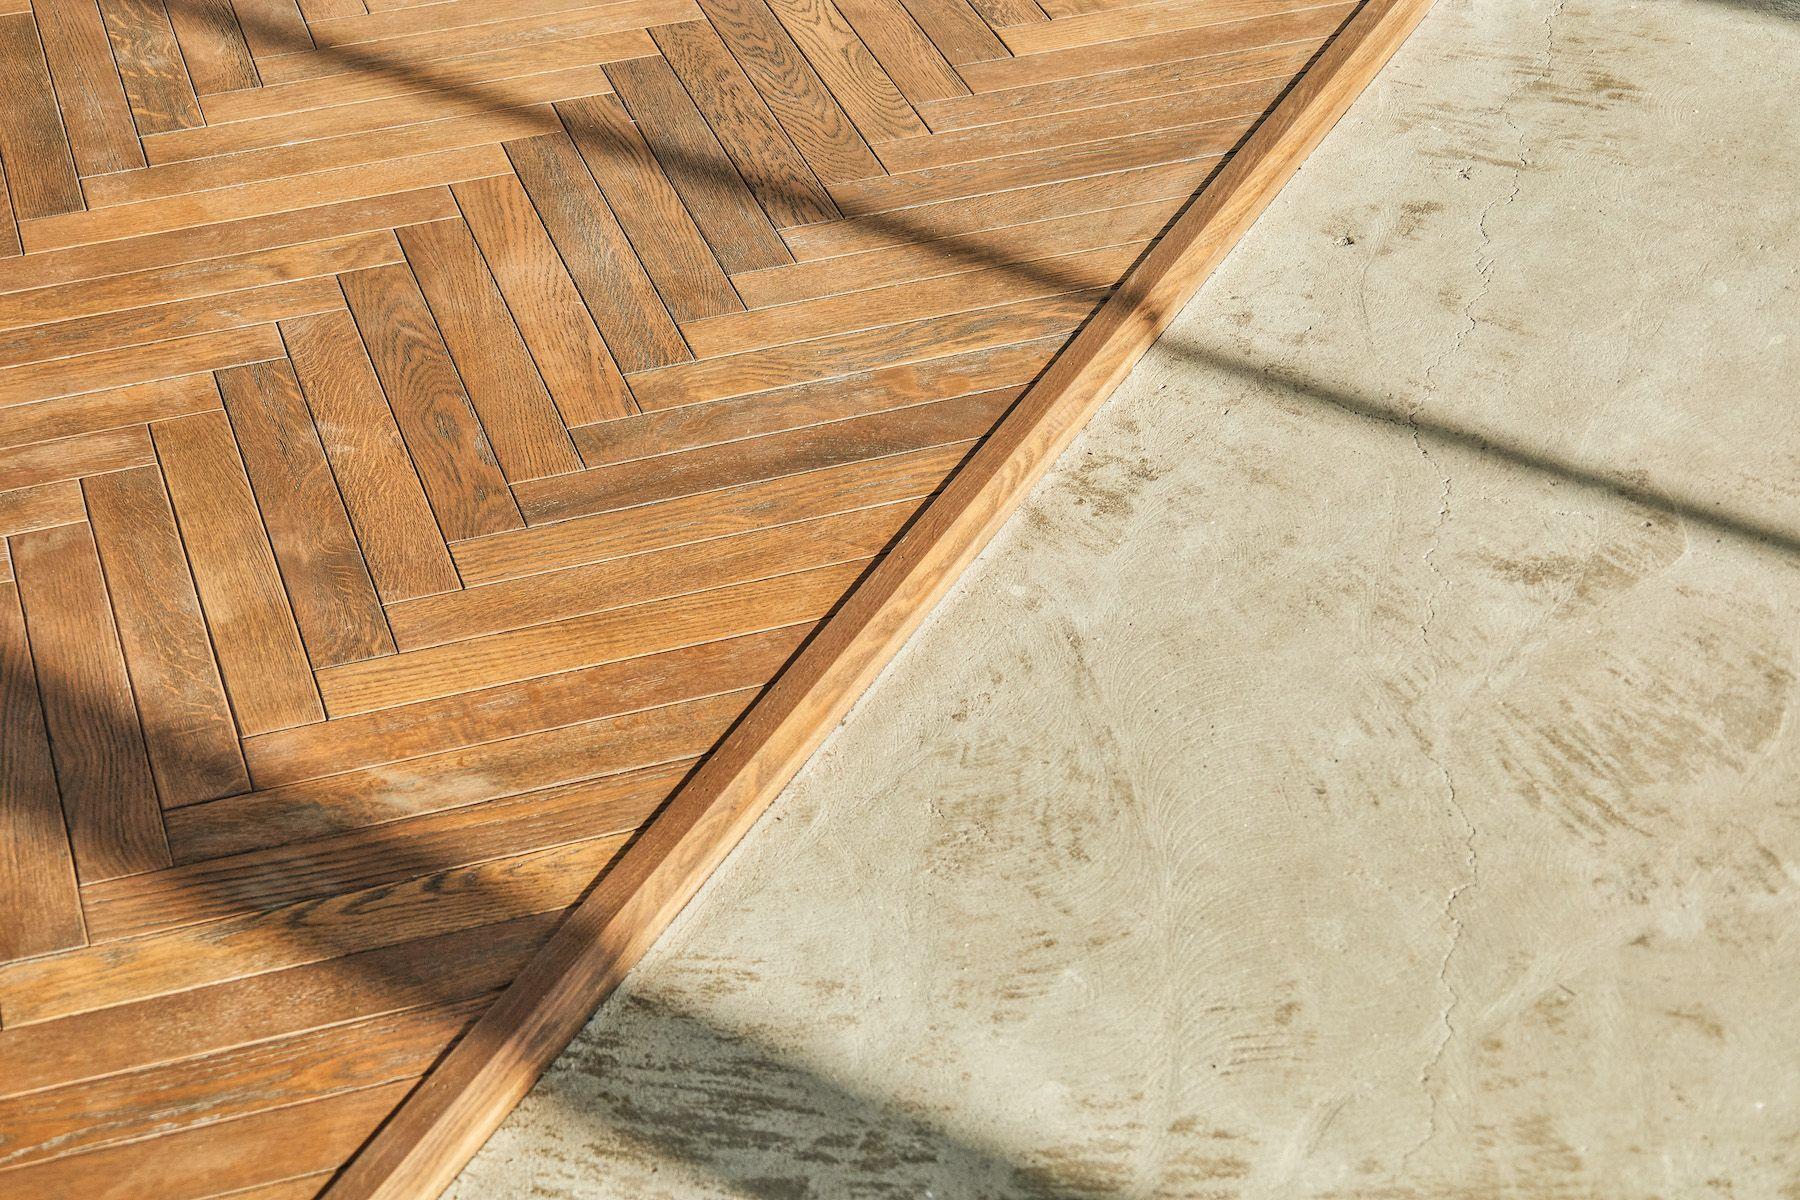 Inspiration studio (インスピレーションスタジオ)コンクリート床とヘリボーンの木床